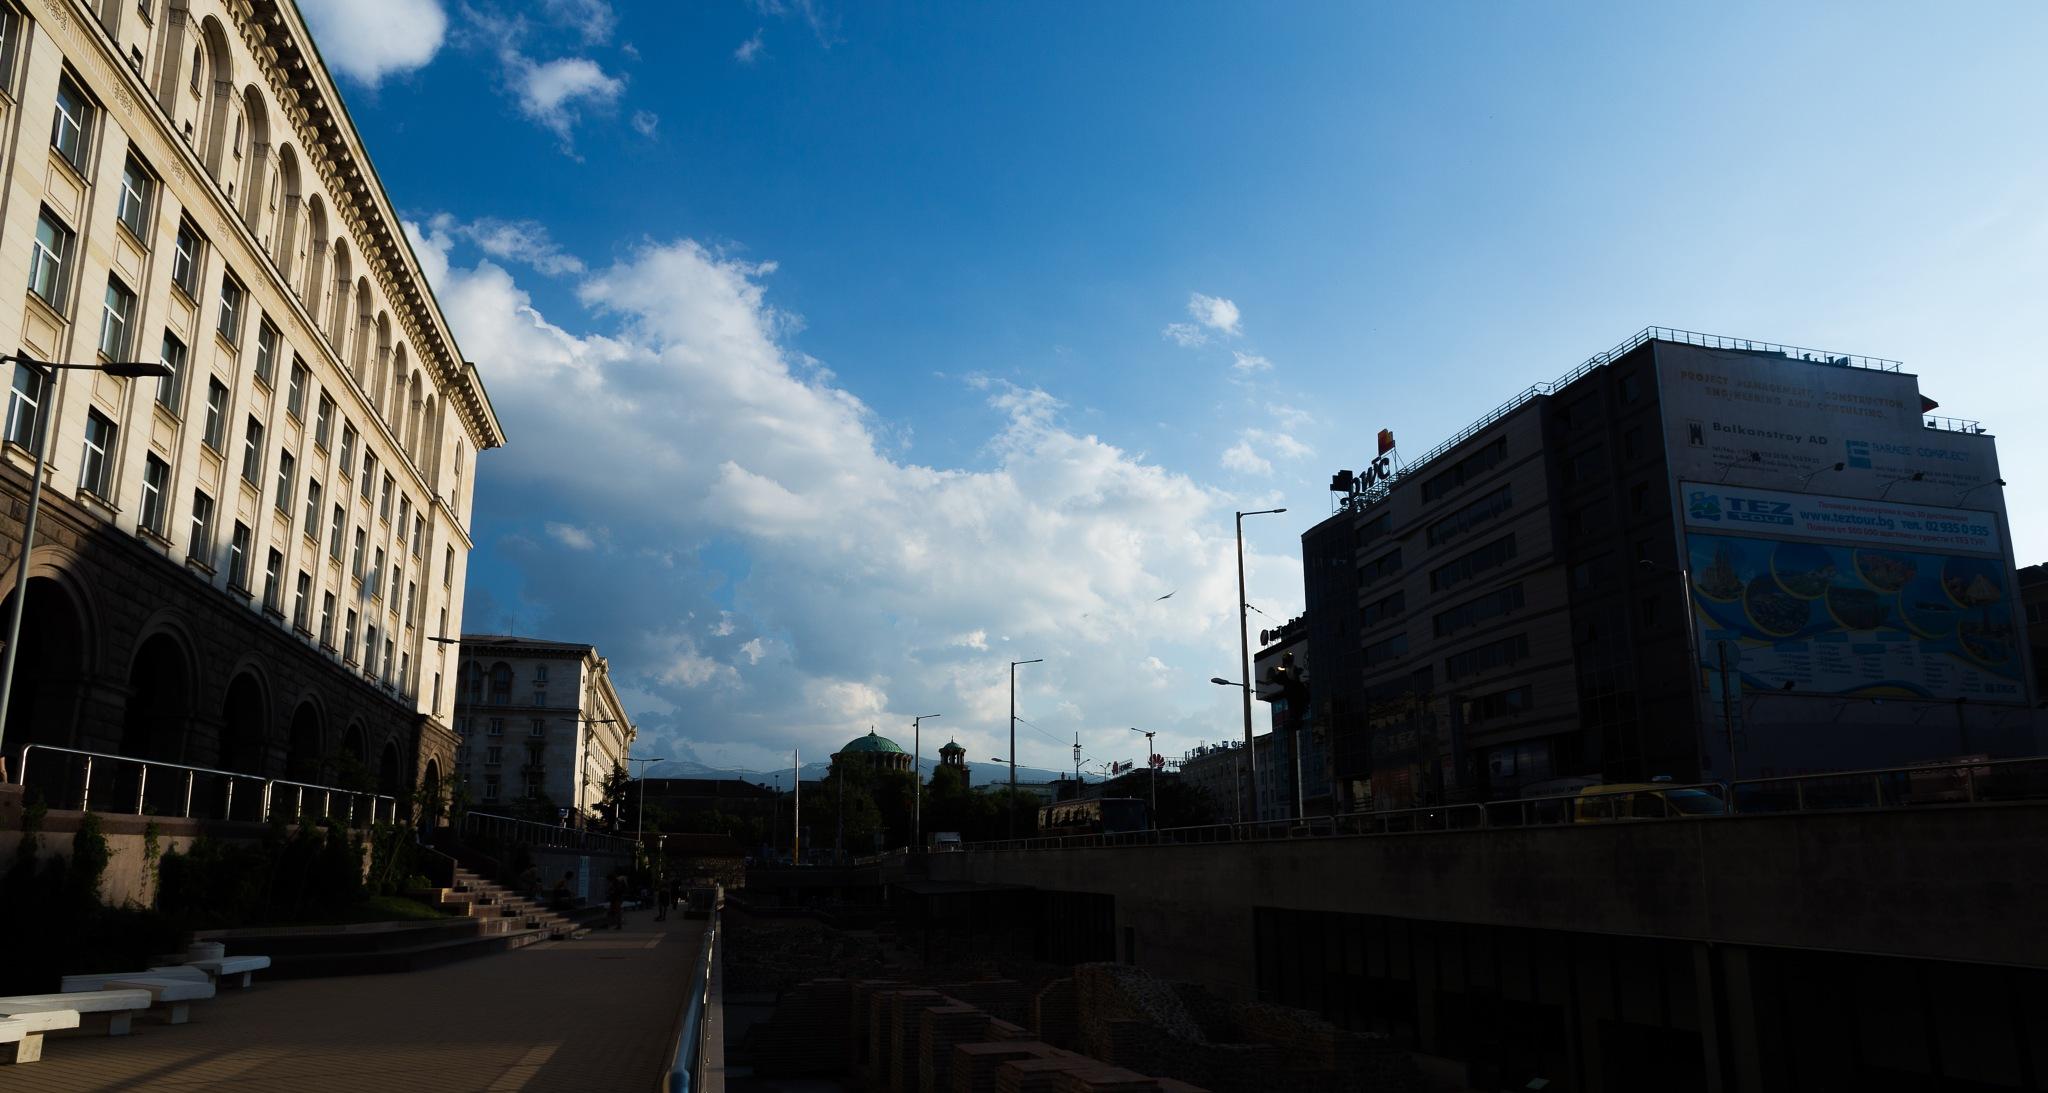 Towards Vitosha by DerekLee